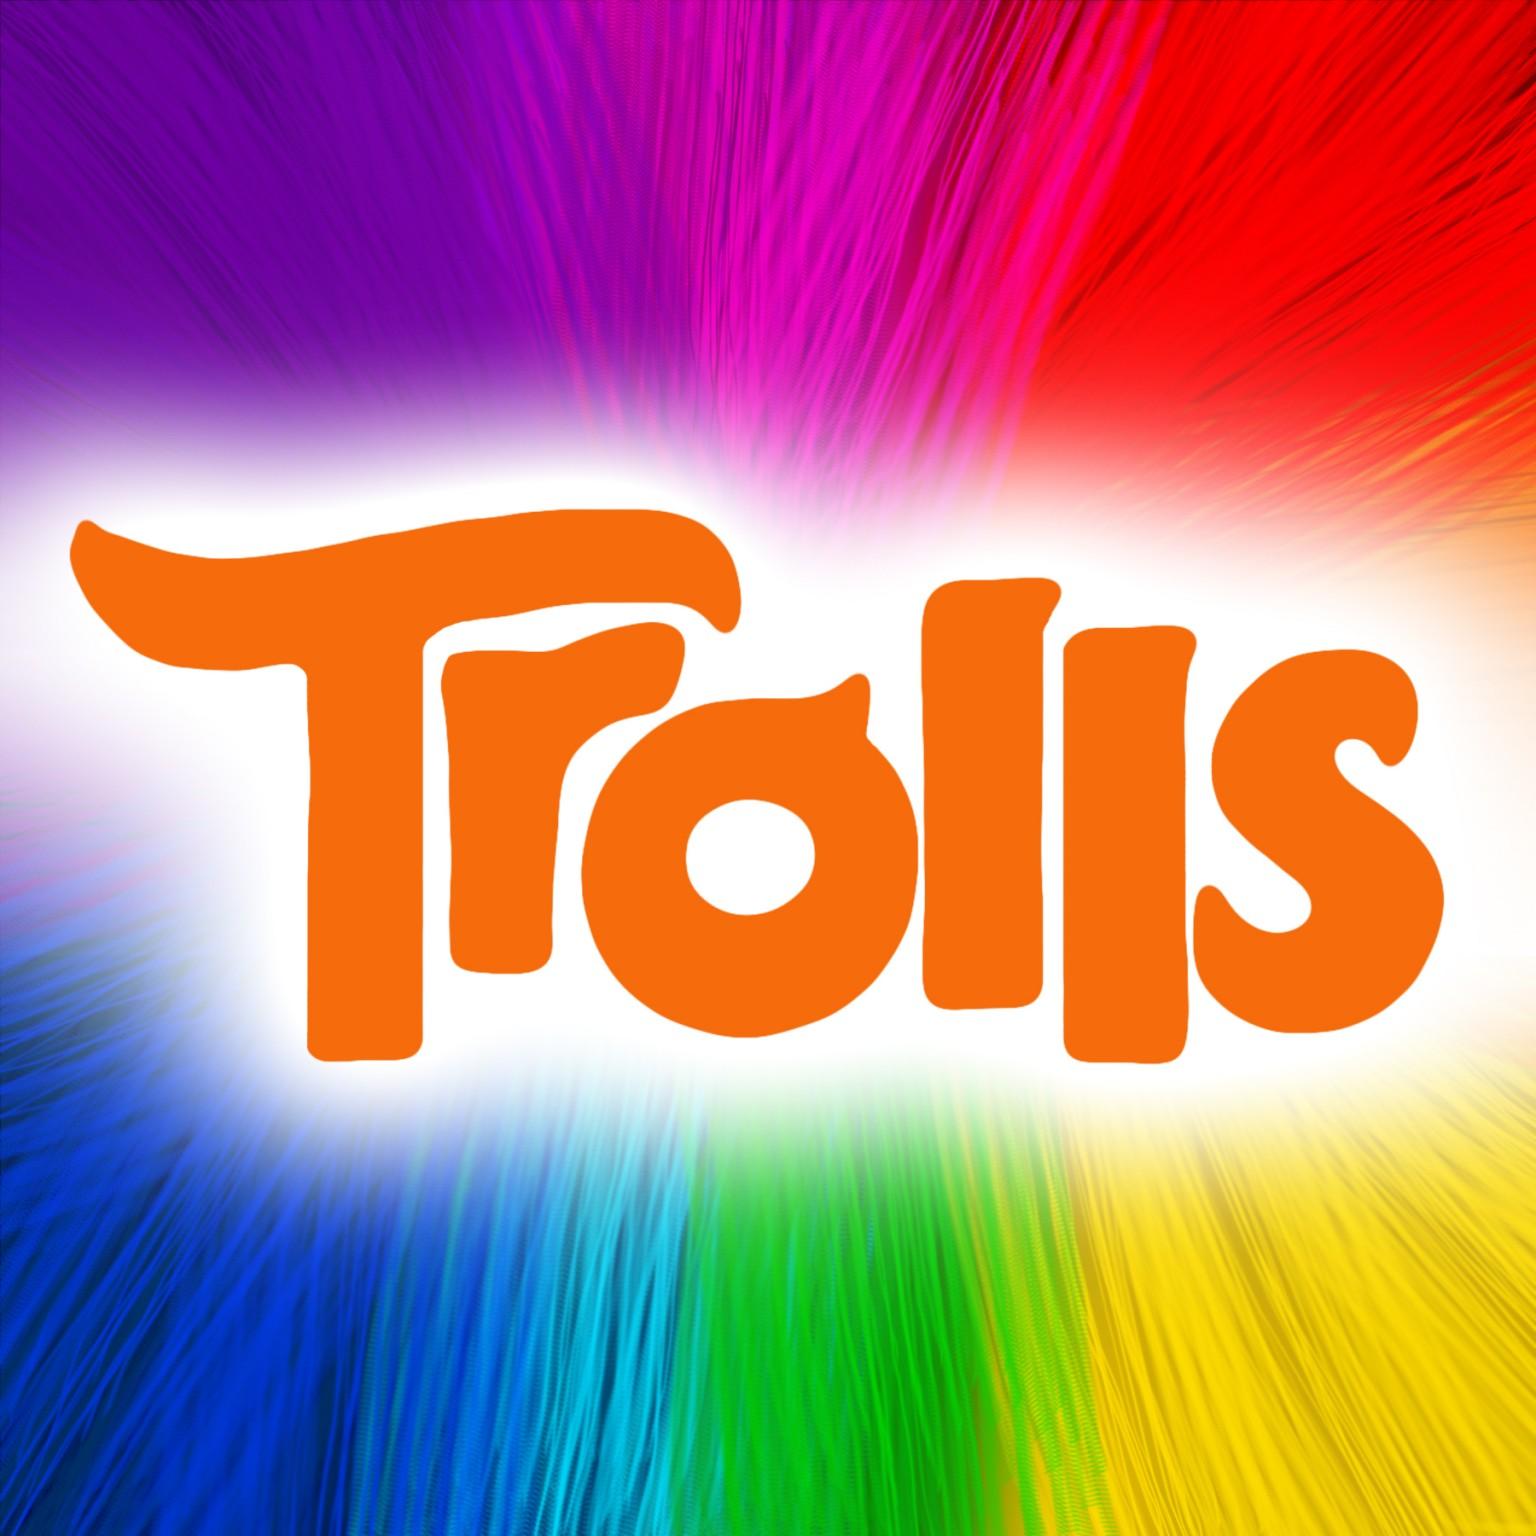 3 Trolls Logo